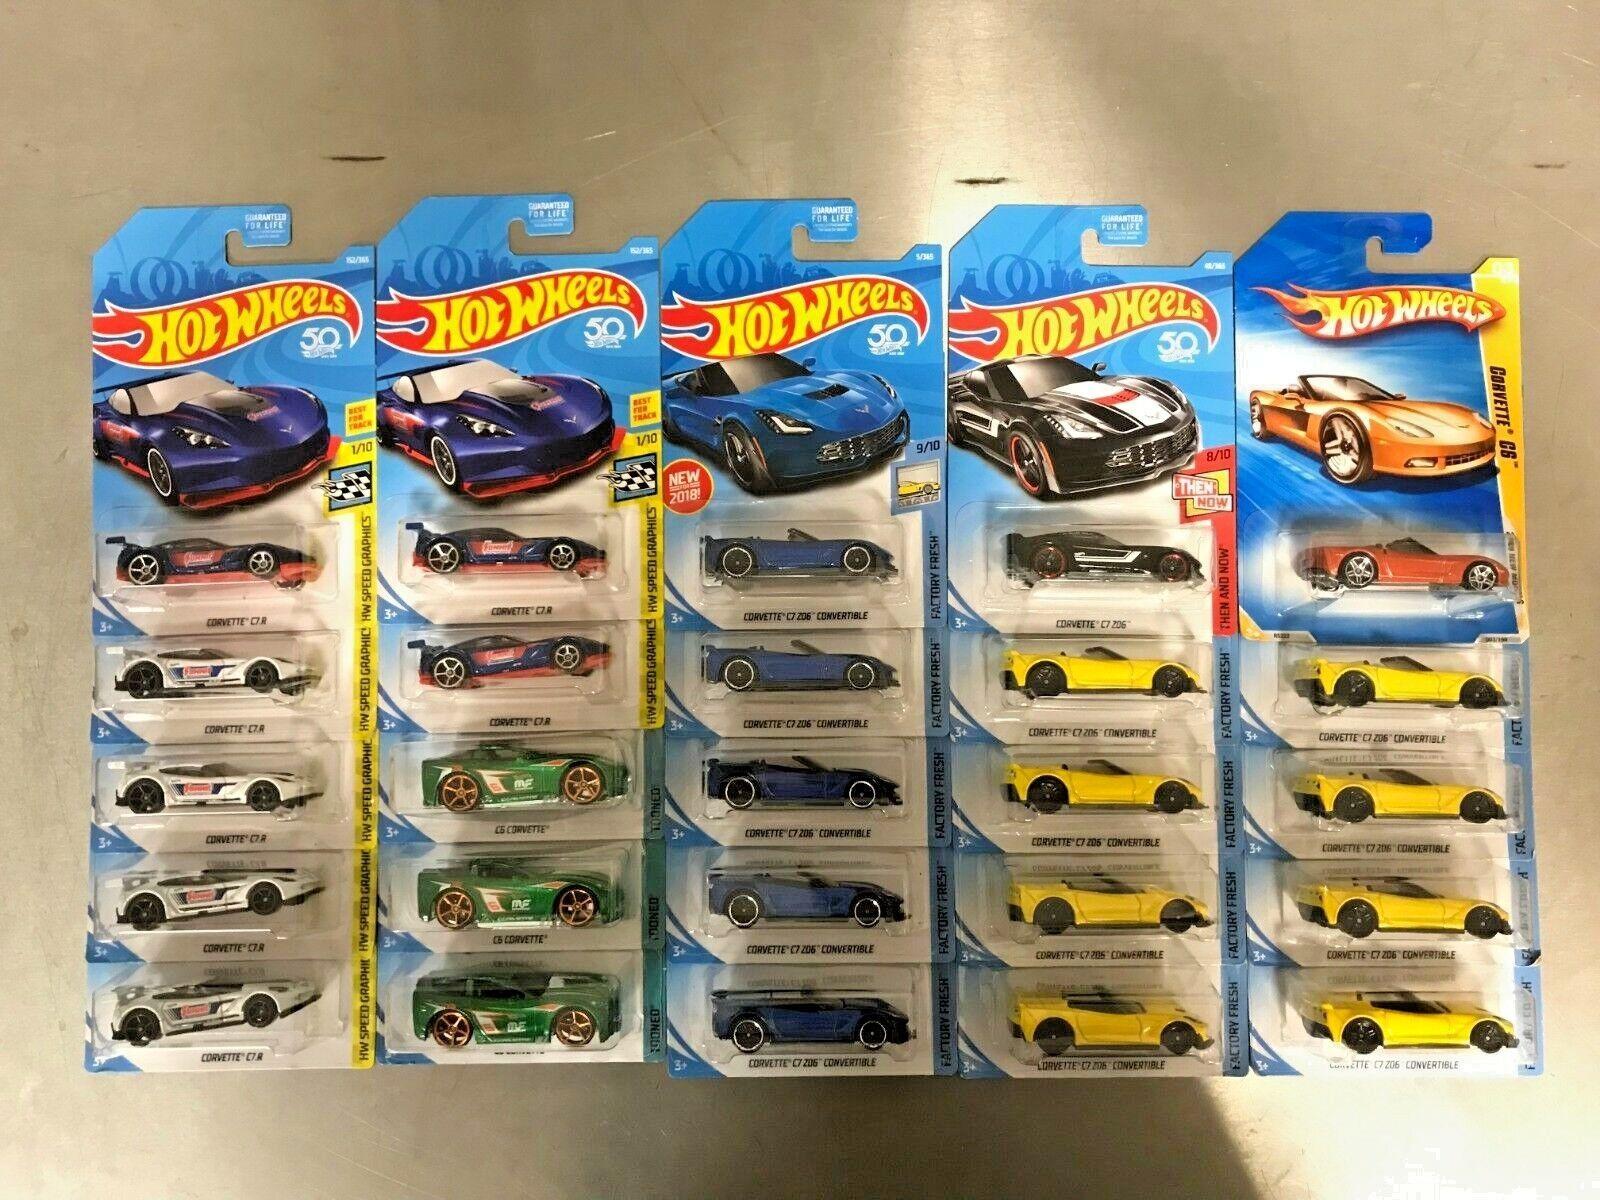 nouveau LOT of 25 HOT Wtalons Chevy Corvette C7.R  C7 Z06 C6 Convertible Summit  sortie